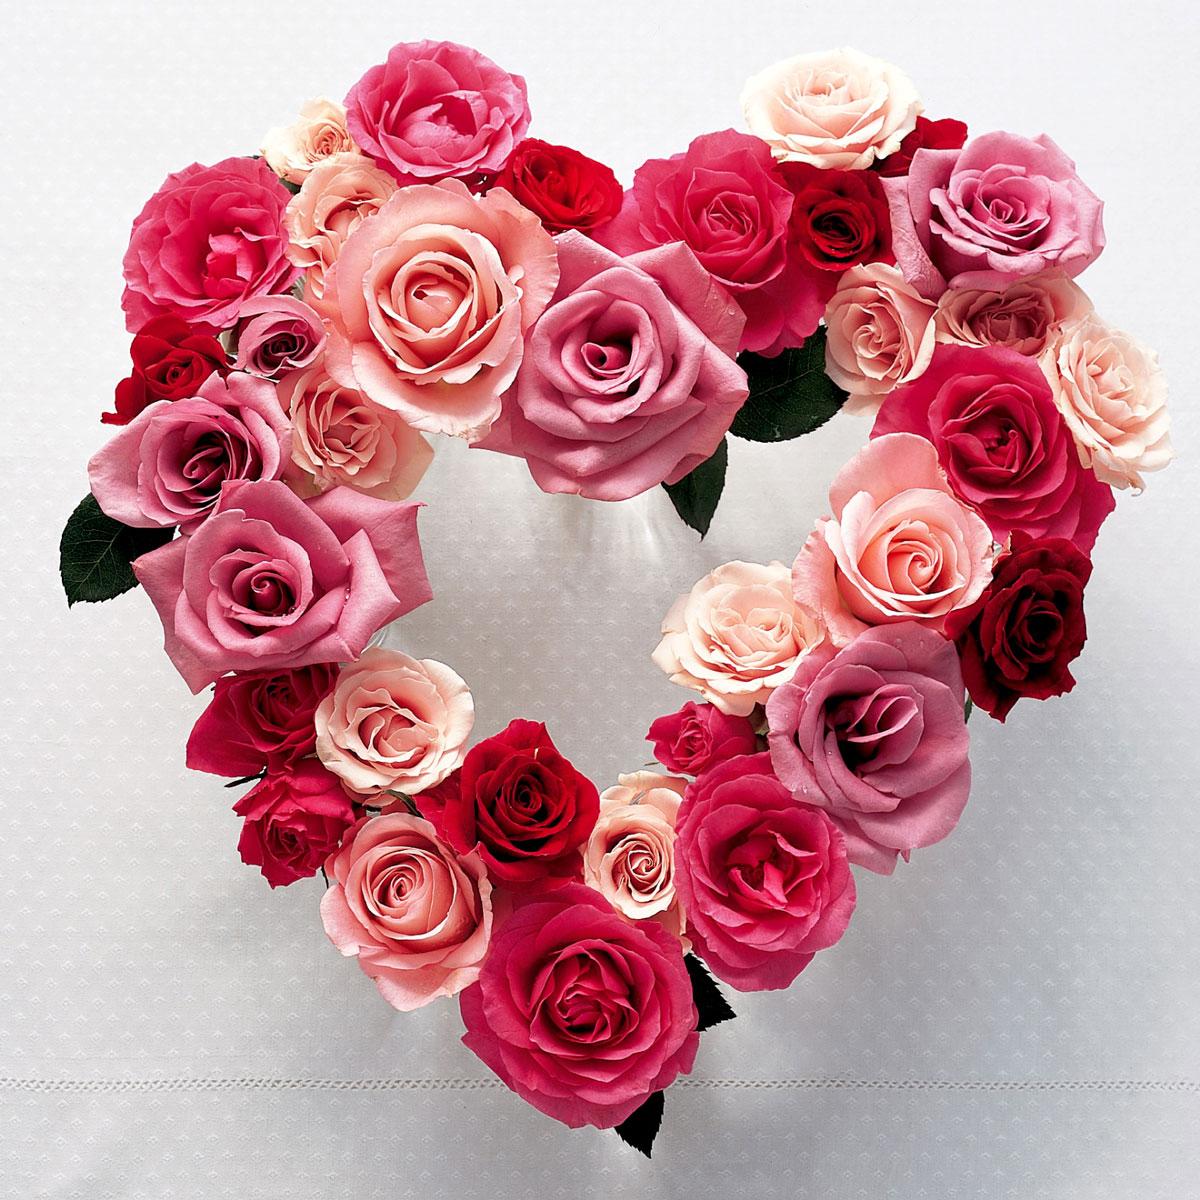 Urocza i pomysłowa dekoracja na Dzień Zakochanych: walentynkowe serce z róż - łatwe do samodzielnego wykonania